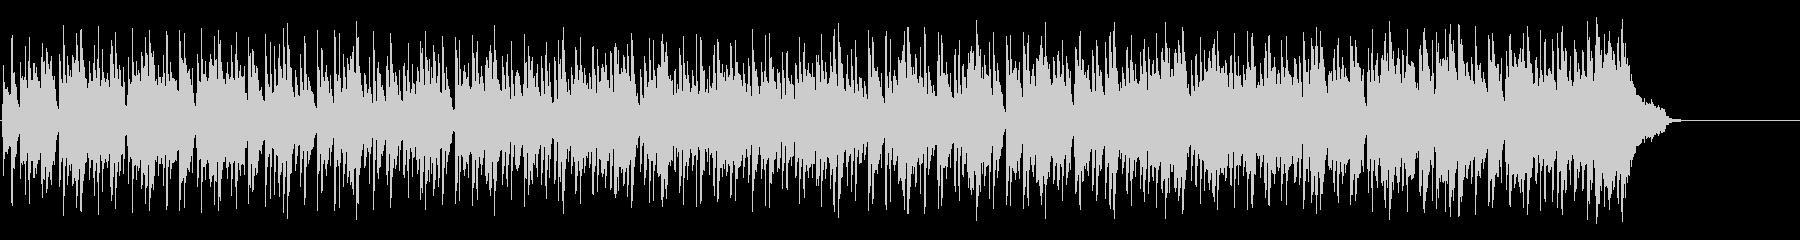 ゴージャスなリゾート風ボサノバ・ポップスの未再生の波形